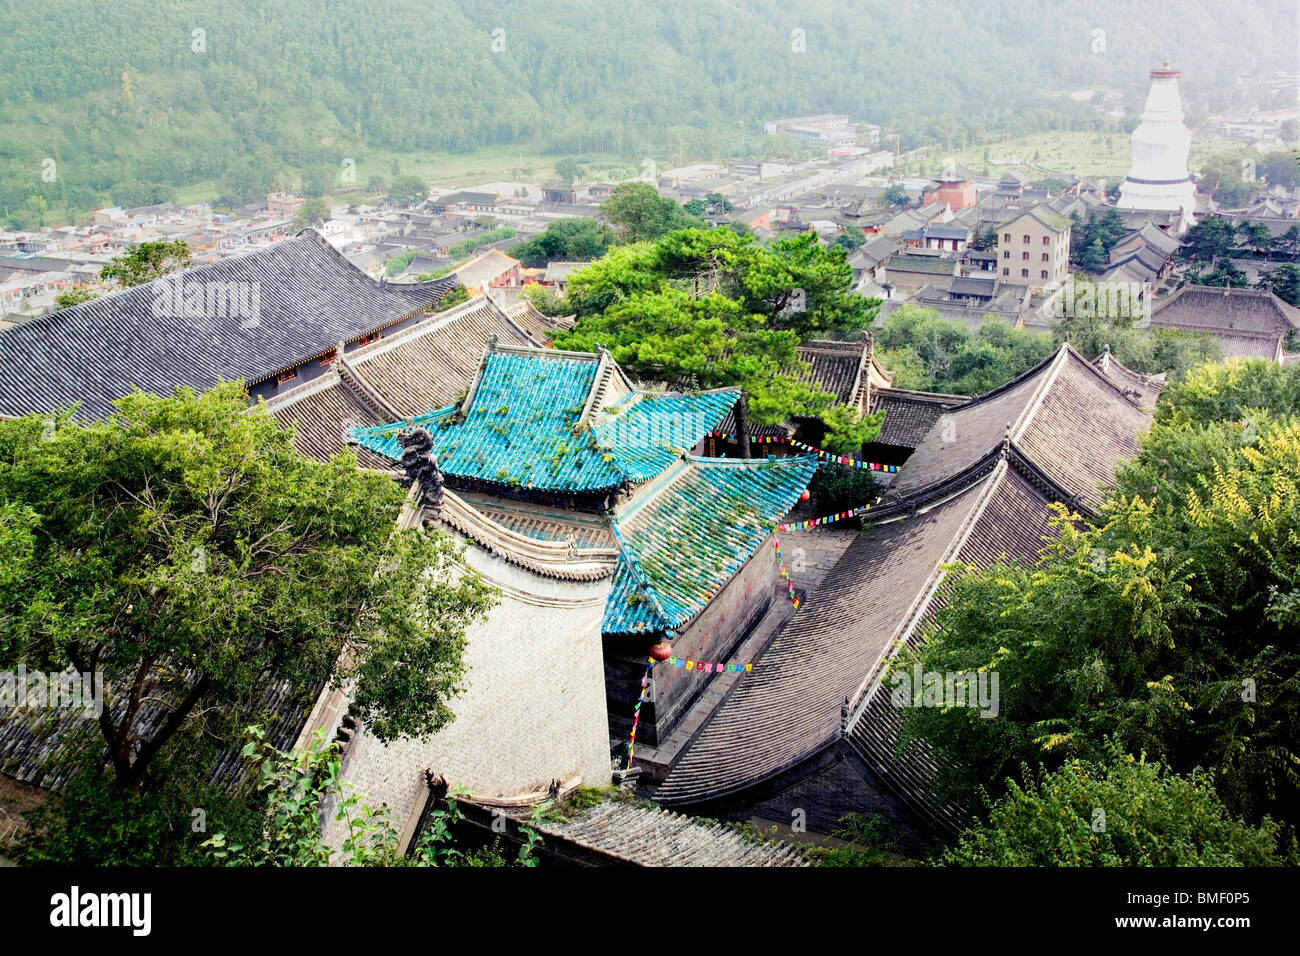 Xinzhou china